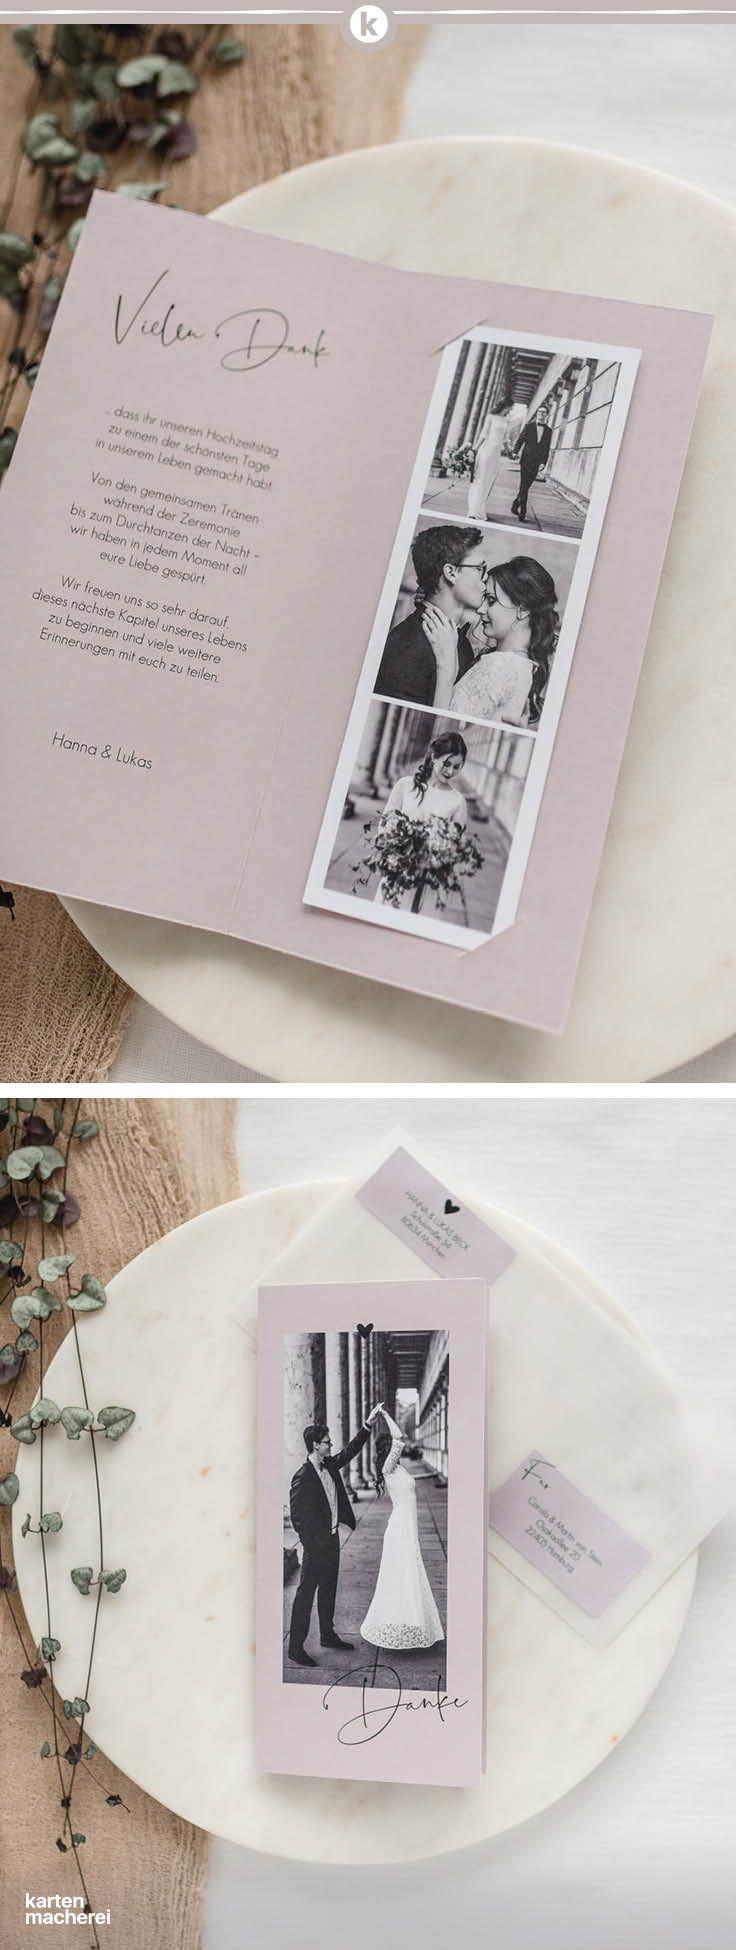 Dankeskarte Hochzeit Lovevibes Karte Hochzeit Dankeskarte Hochzeit Dankeskarten